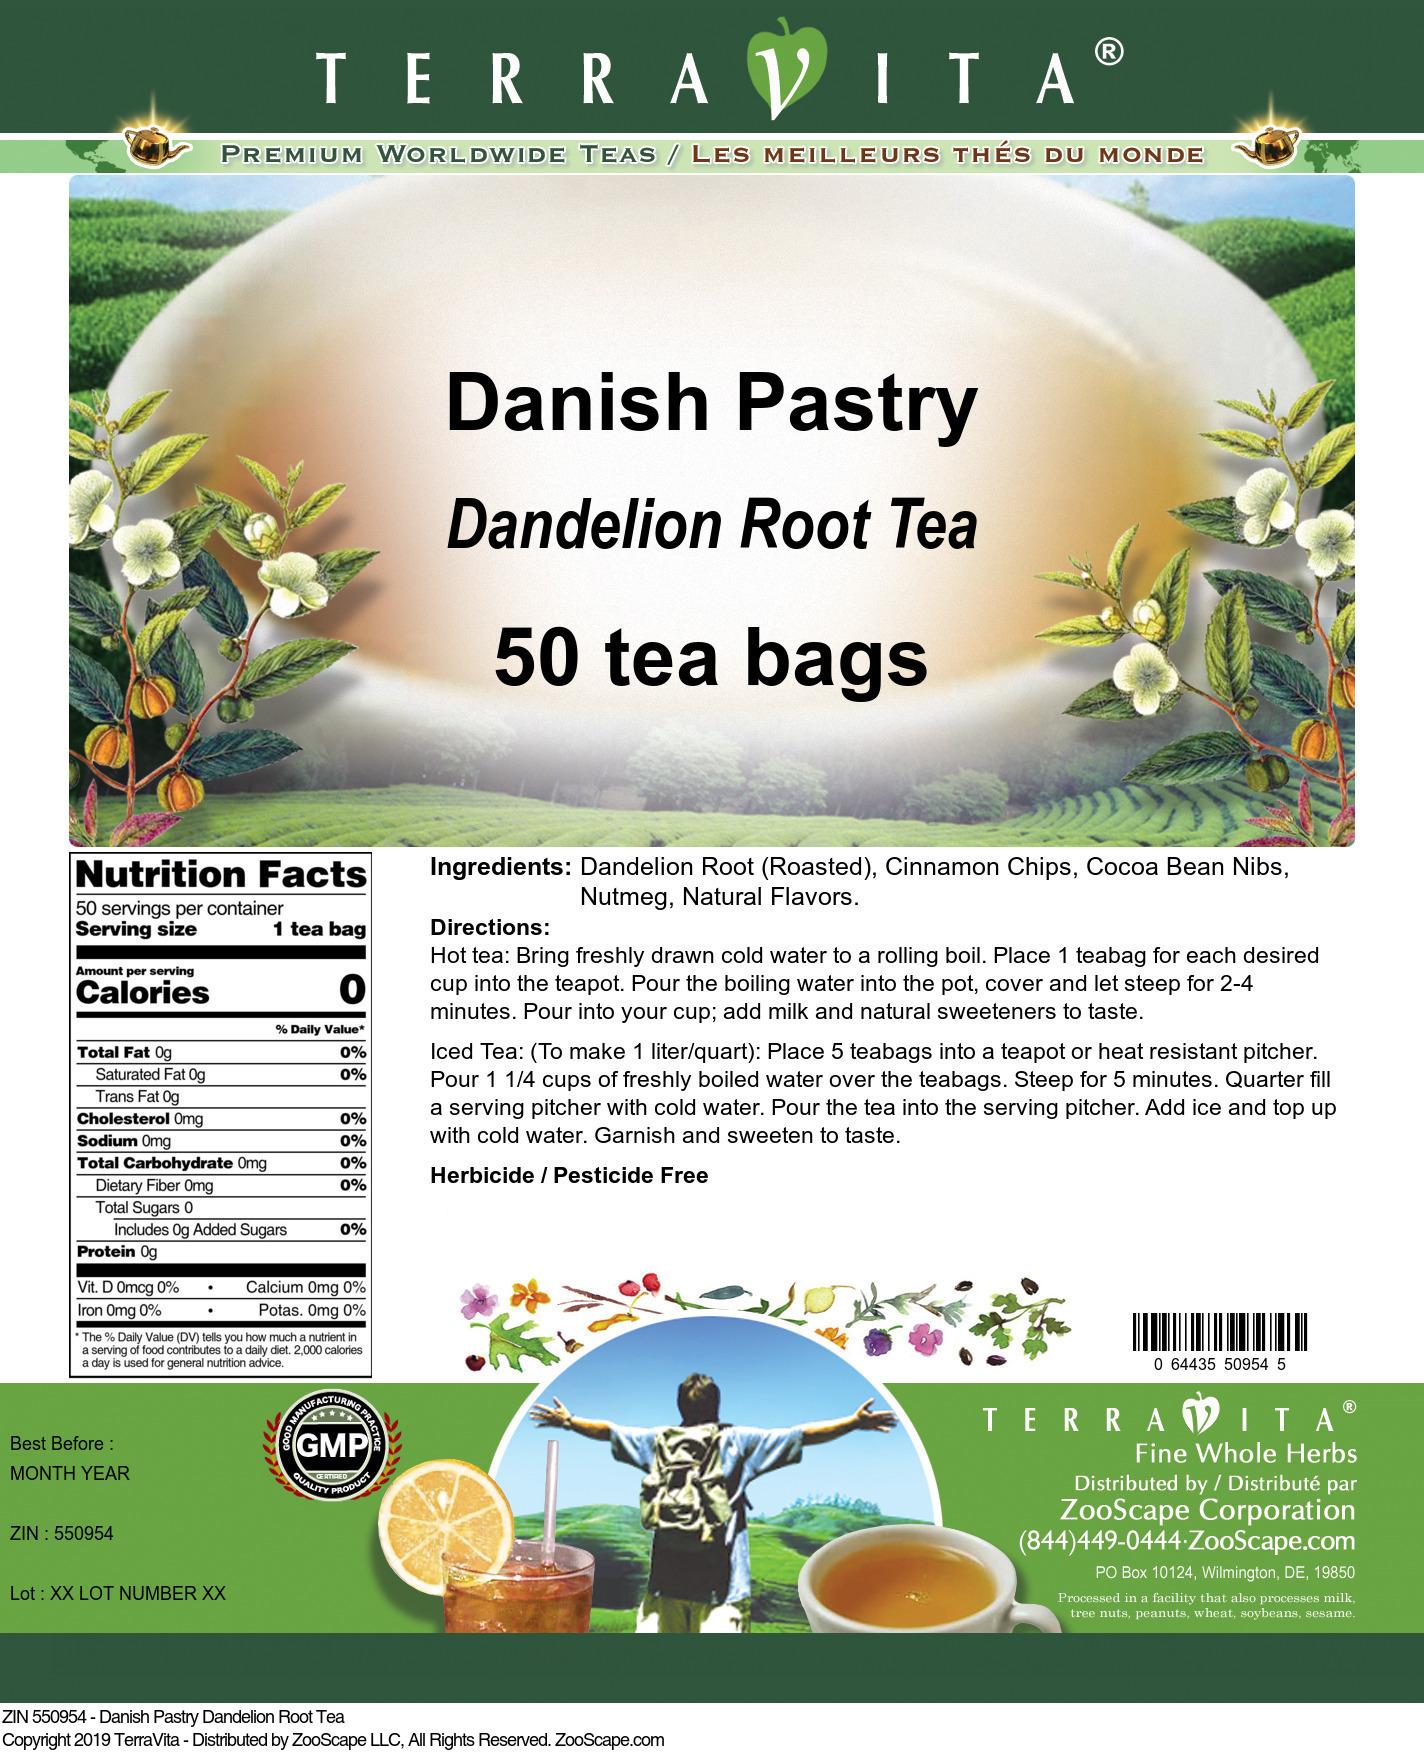 Danish Pastry Dandelion Root